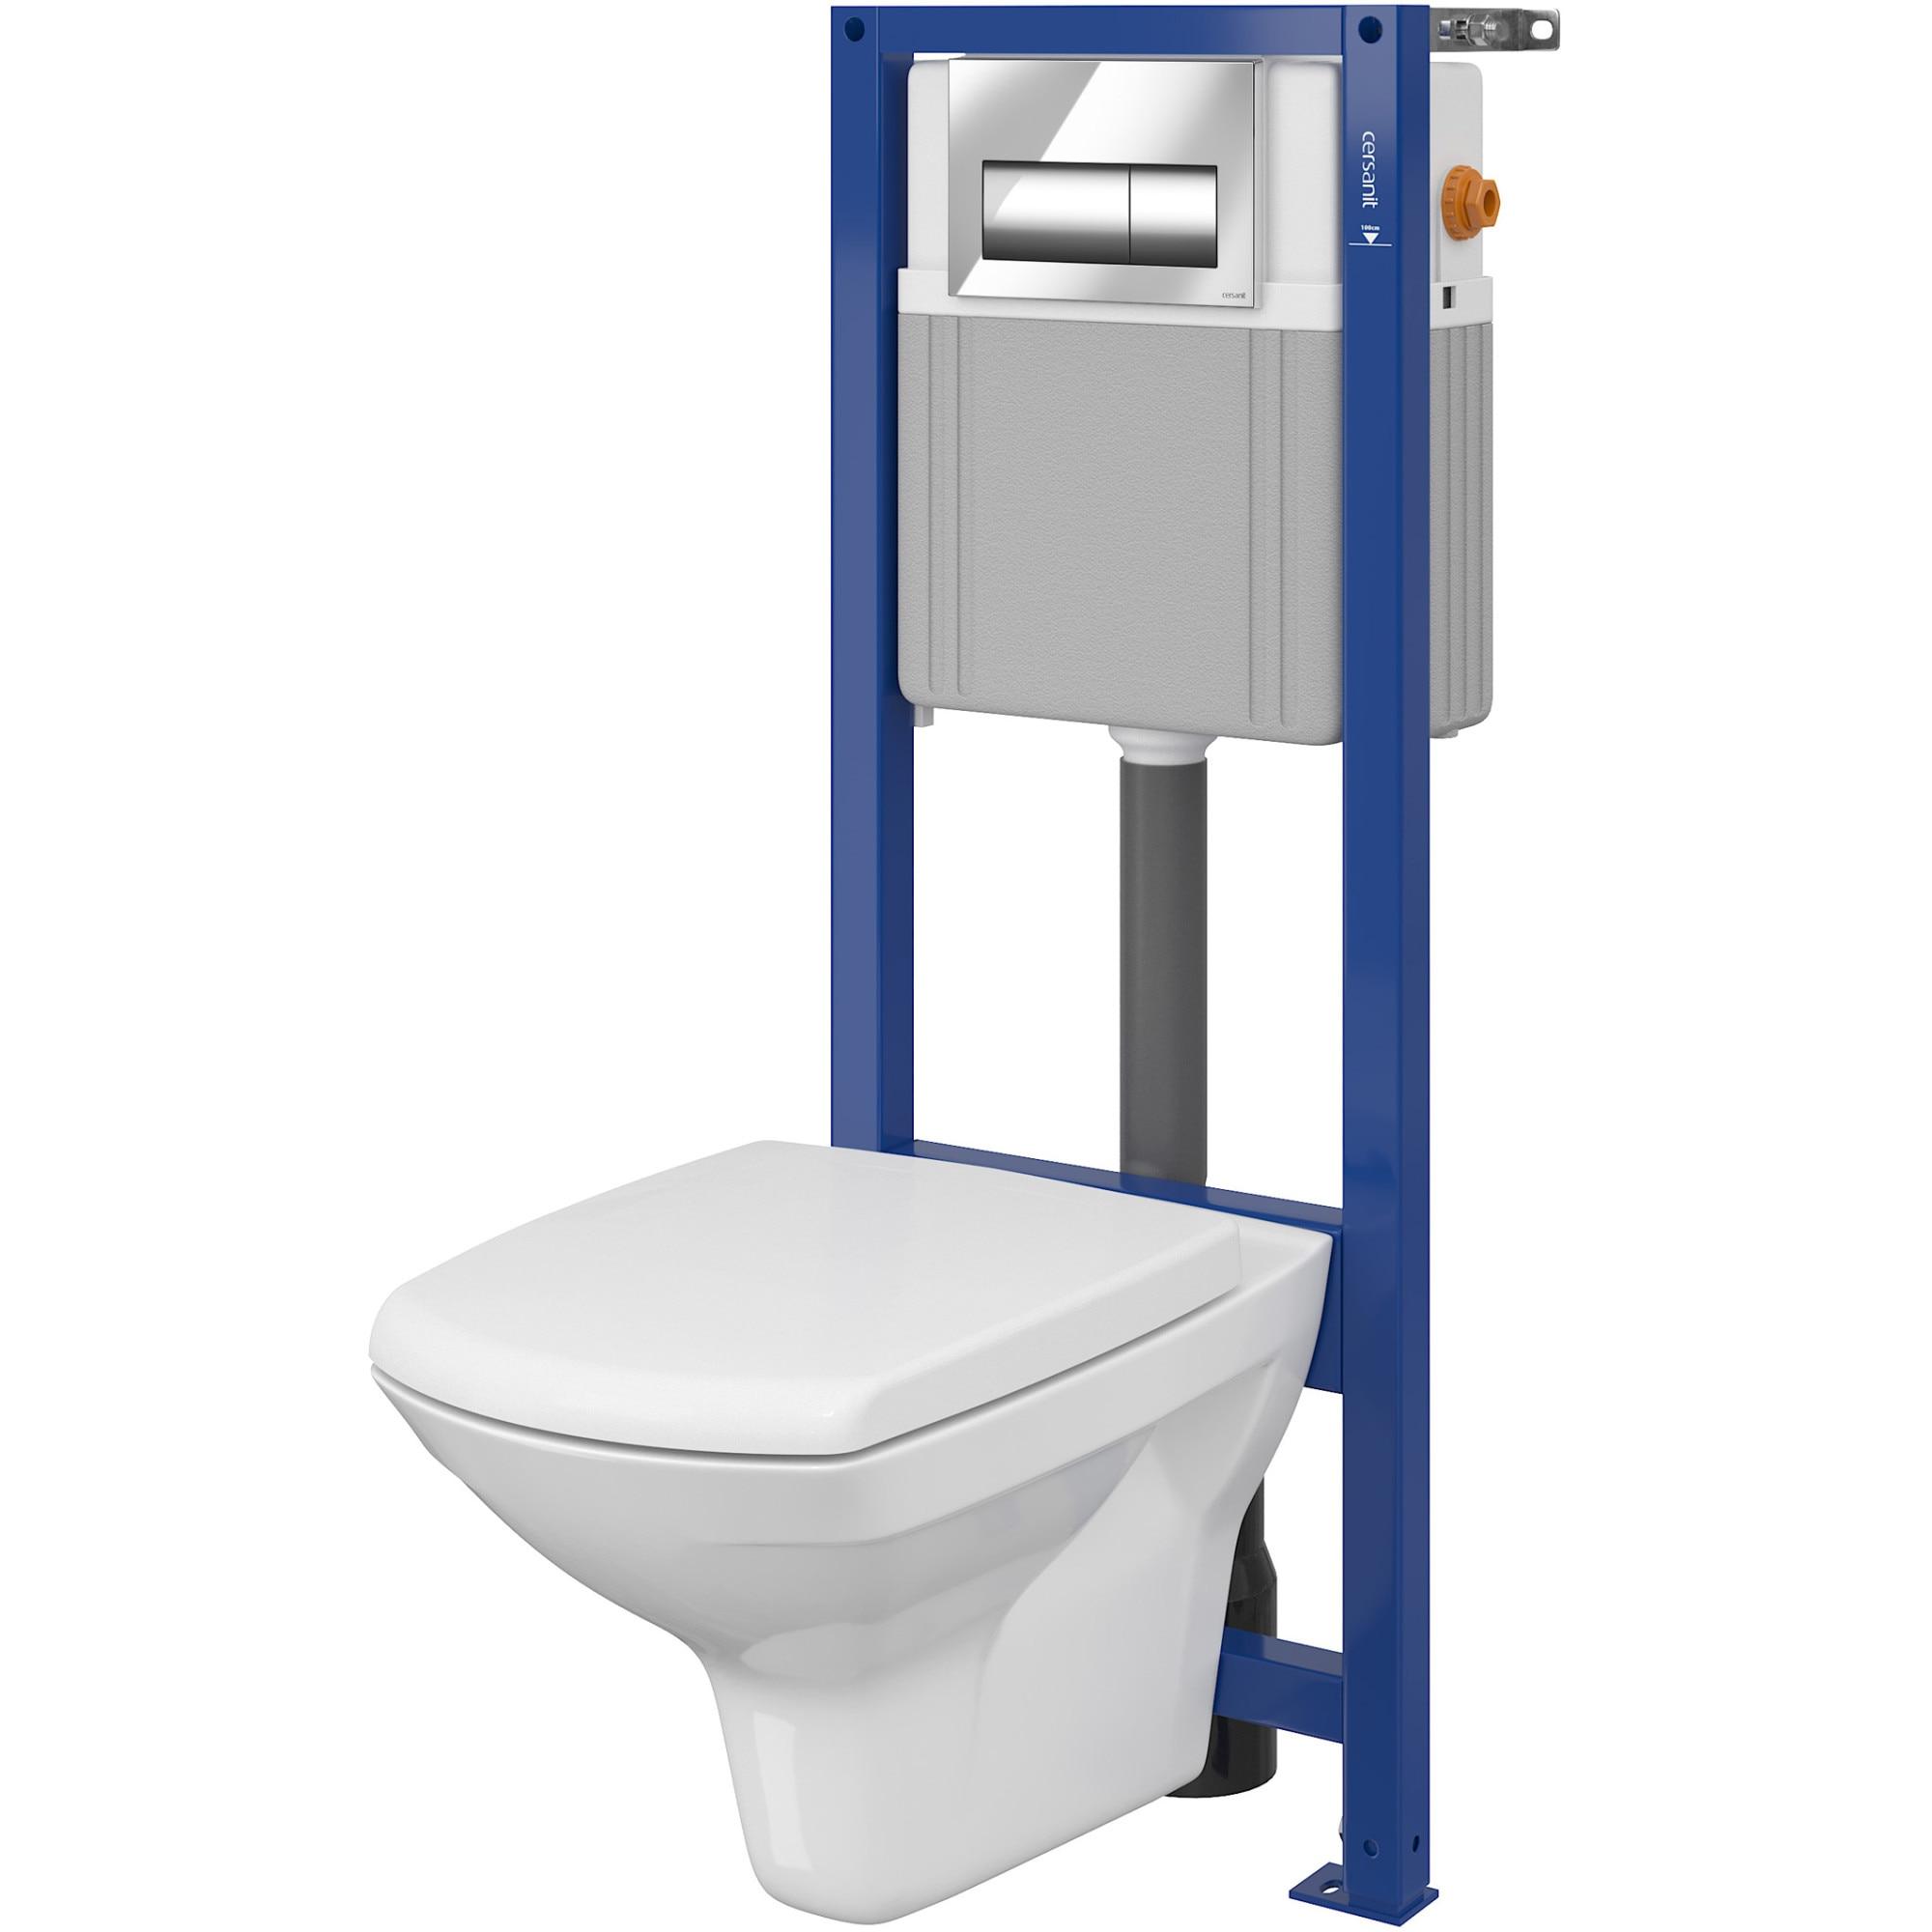 Fotografie Pachet vas WC suspendat Cersanit S701-063 Carina + sistem mecanic, capac WC Duroplast, inchidere lenta, demontare rapida